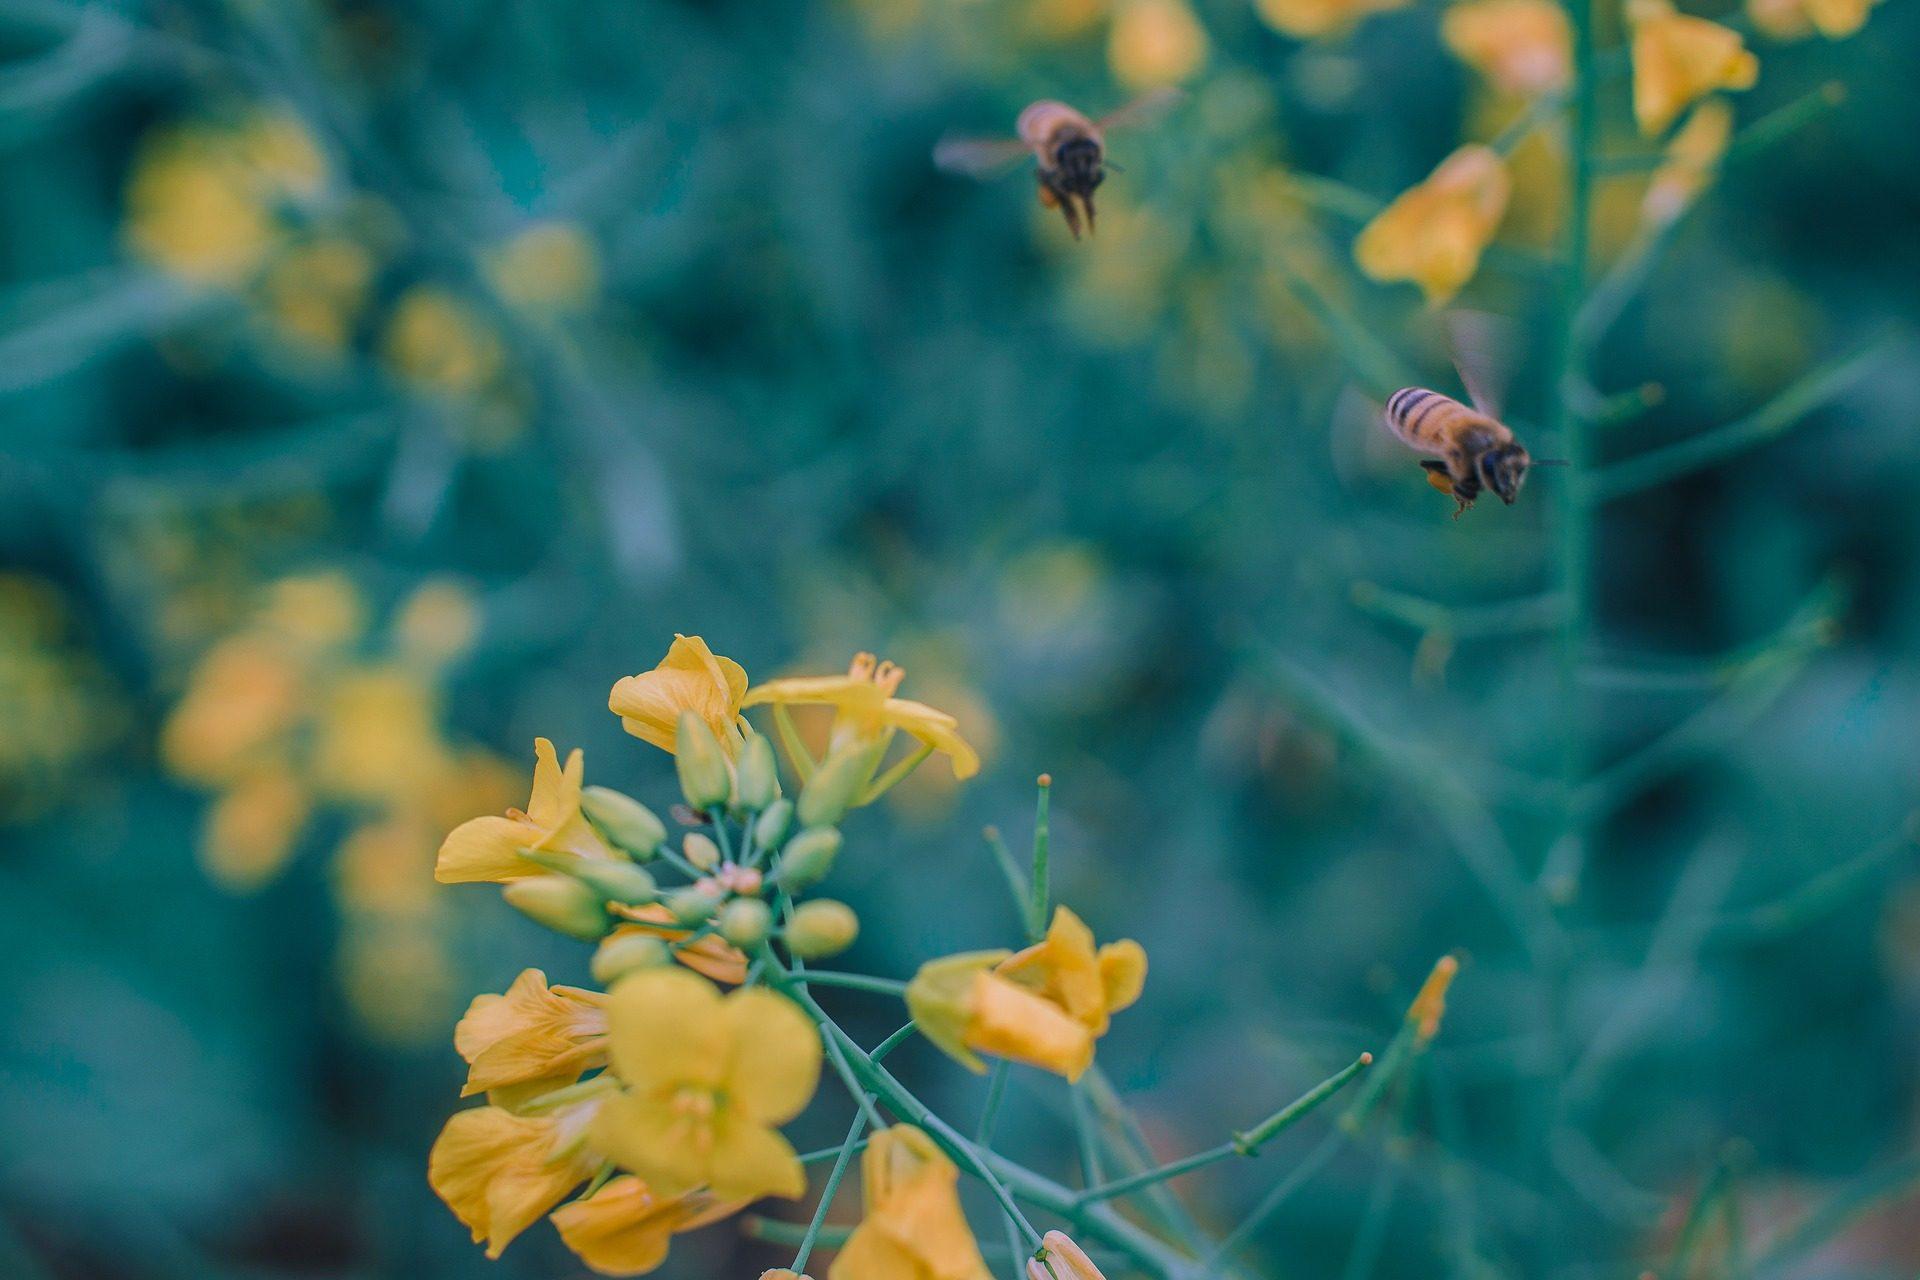 मधुमक्खियों, फूल, संयंत्रों, परागण, के बारे में - HD वॉलपेपर - प्रोफेसर-falken.com